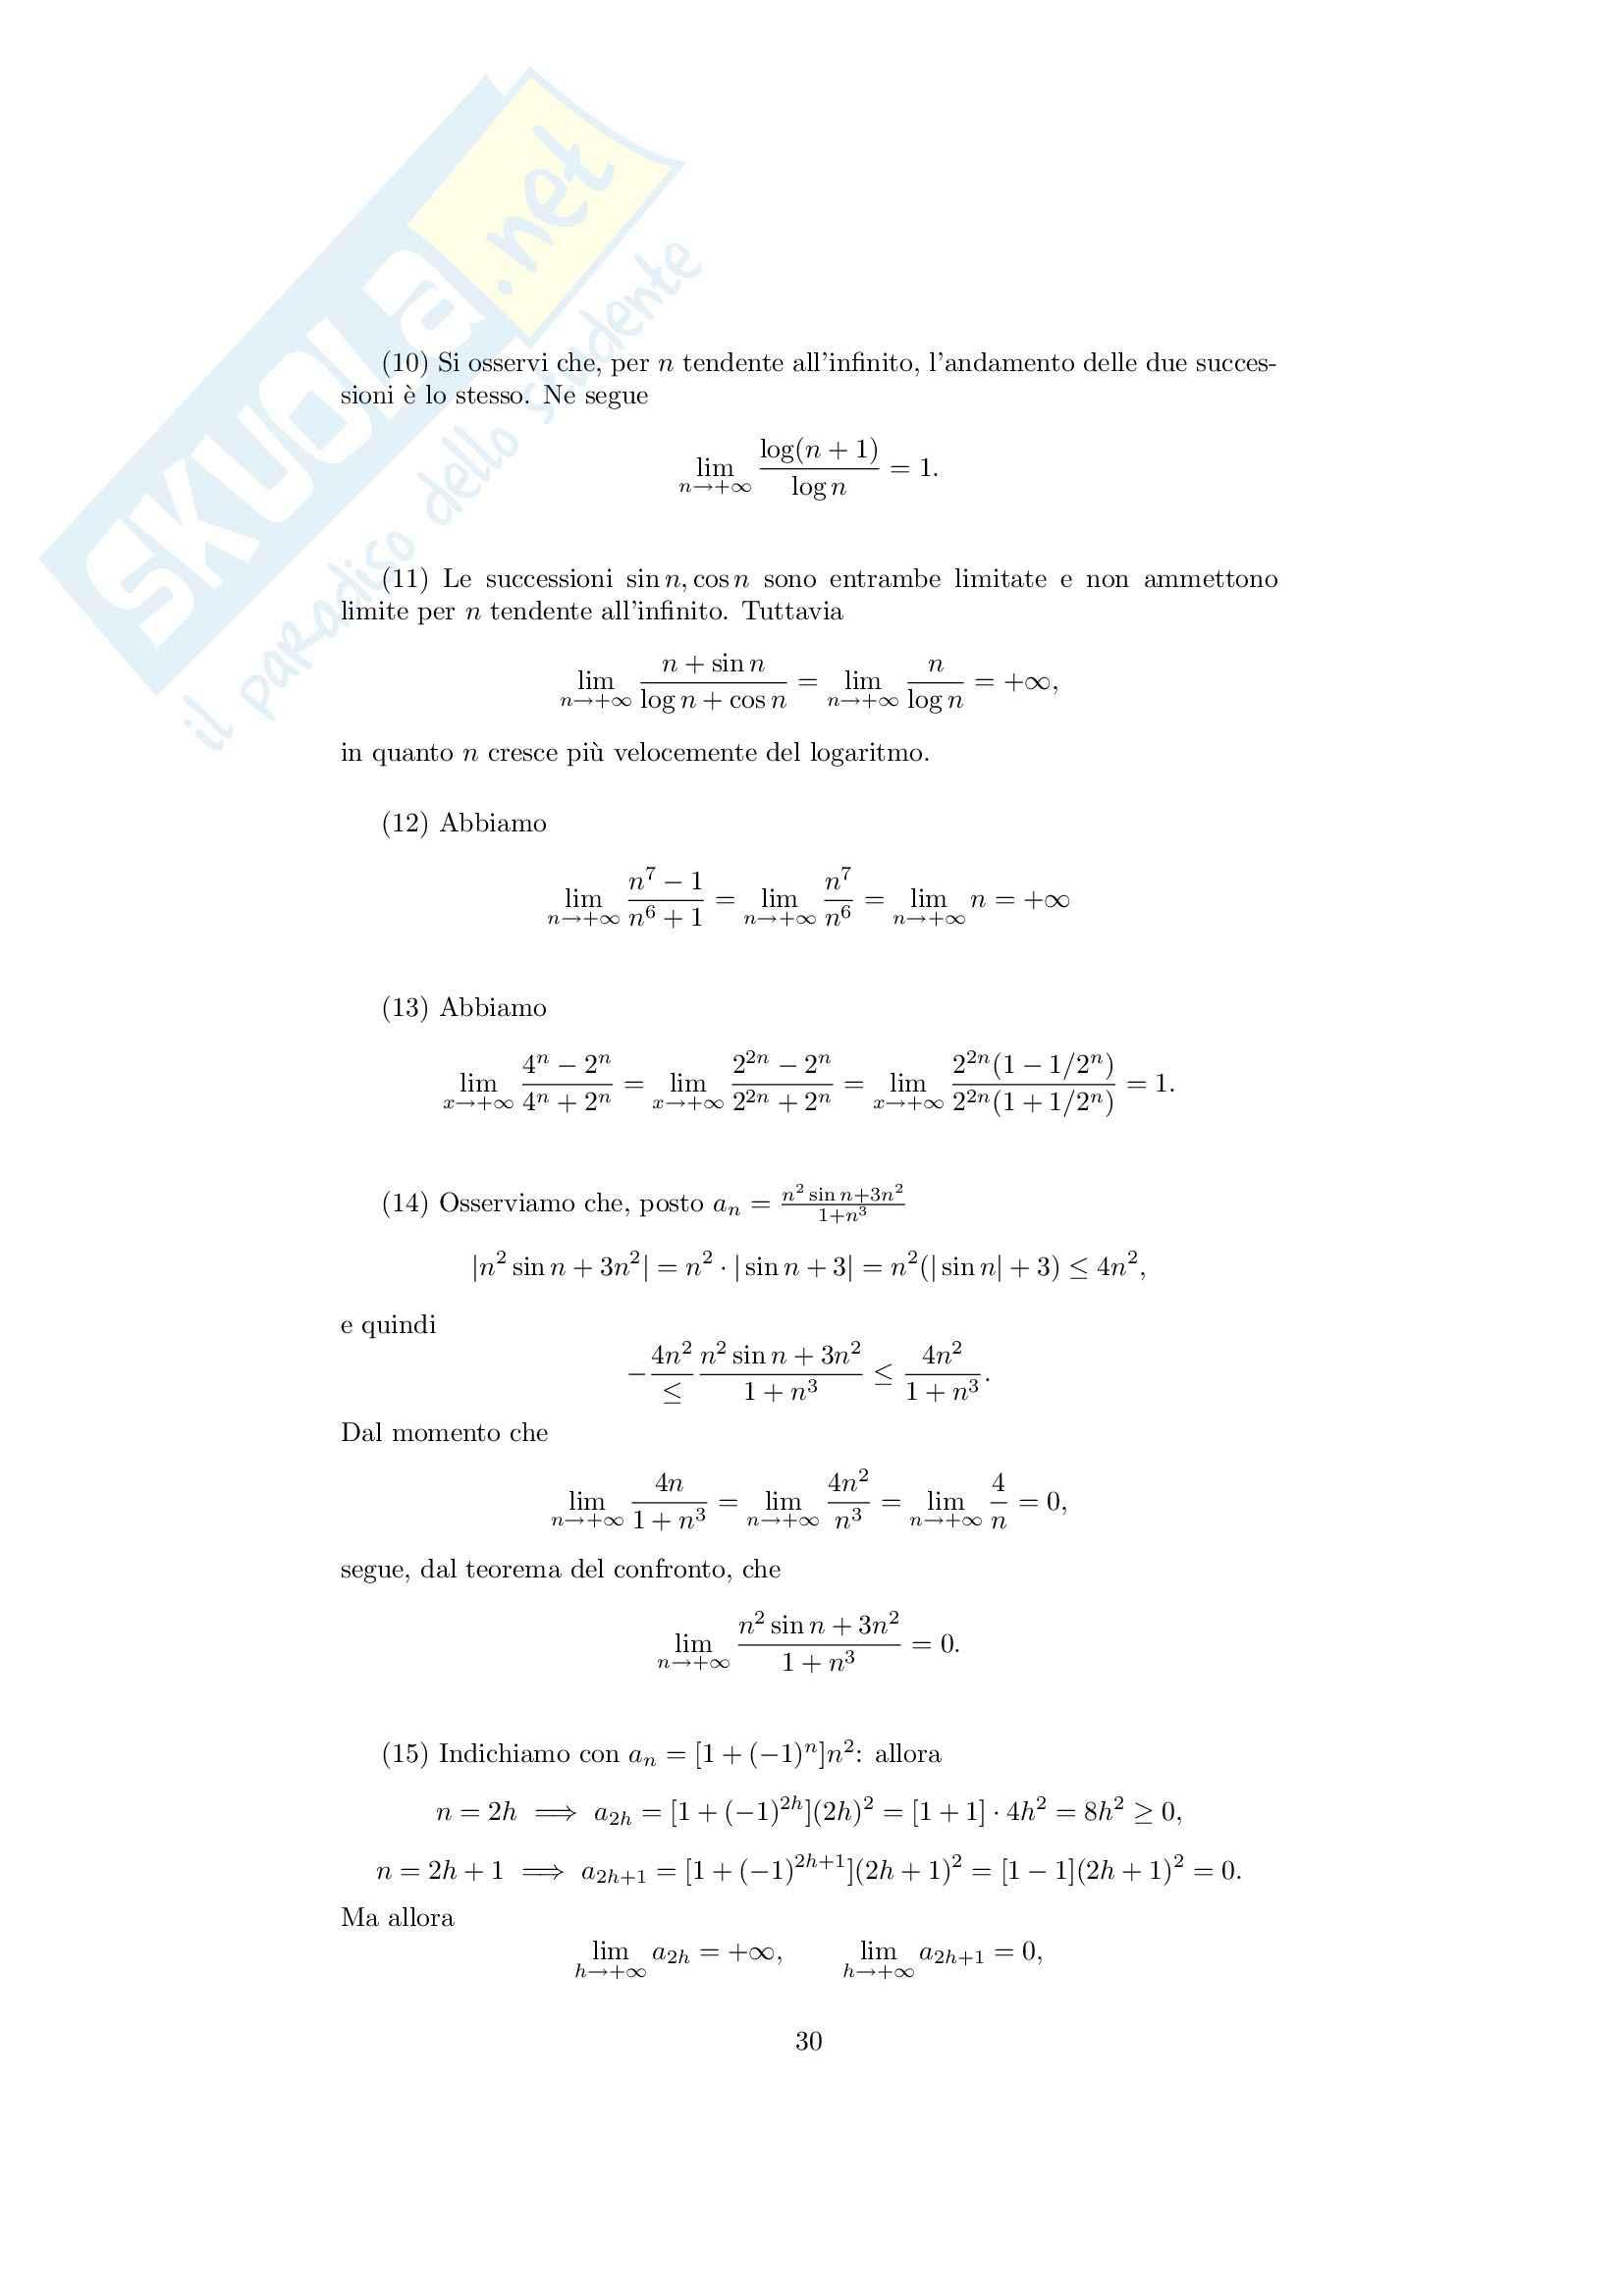 Analisi matematica 1 - Note ed esercizi svolti su Successioni e serie numeriche Pag. 6